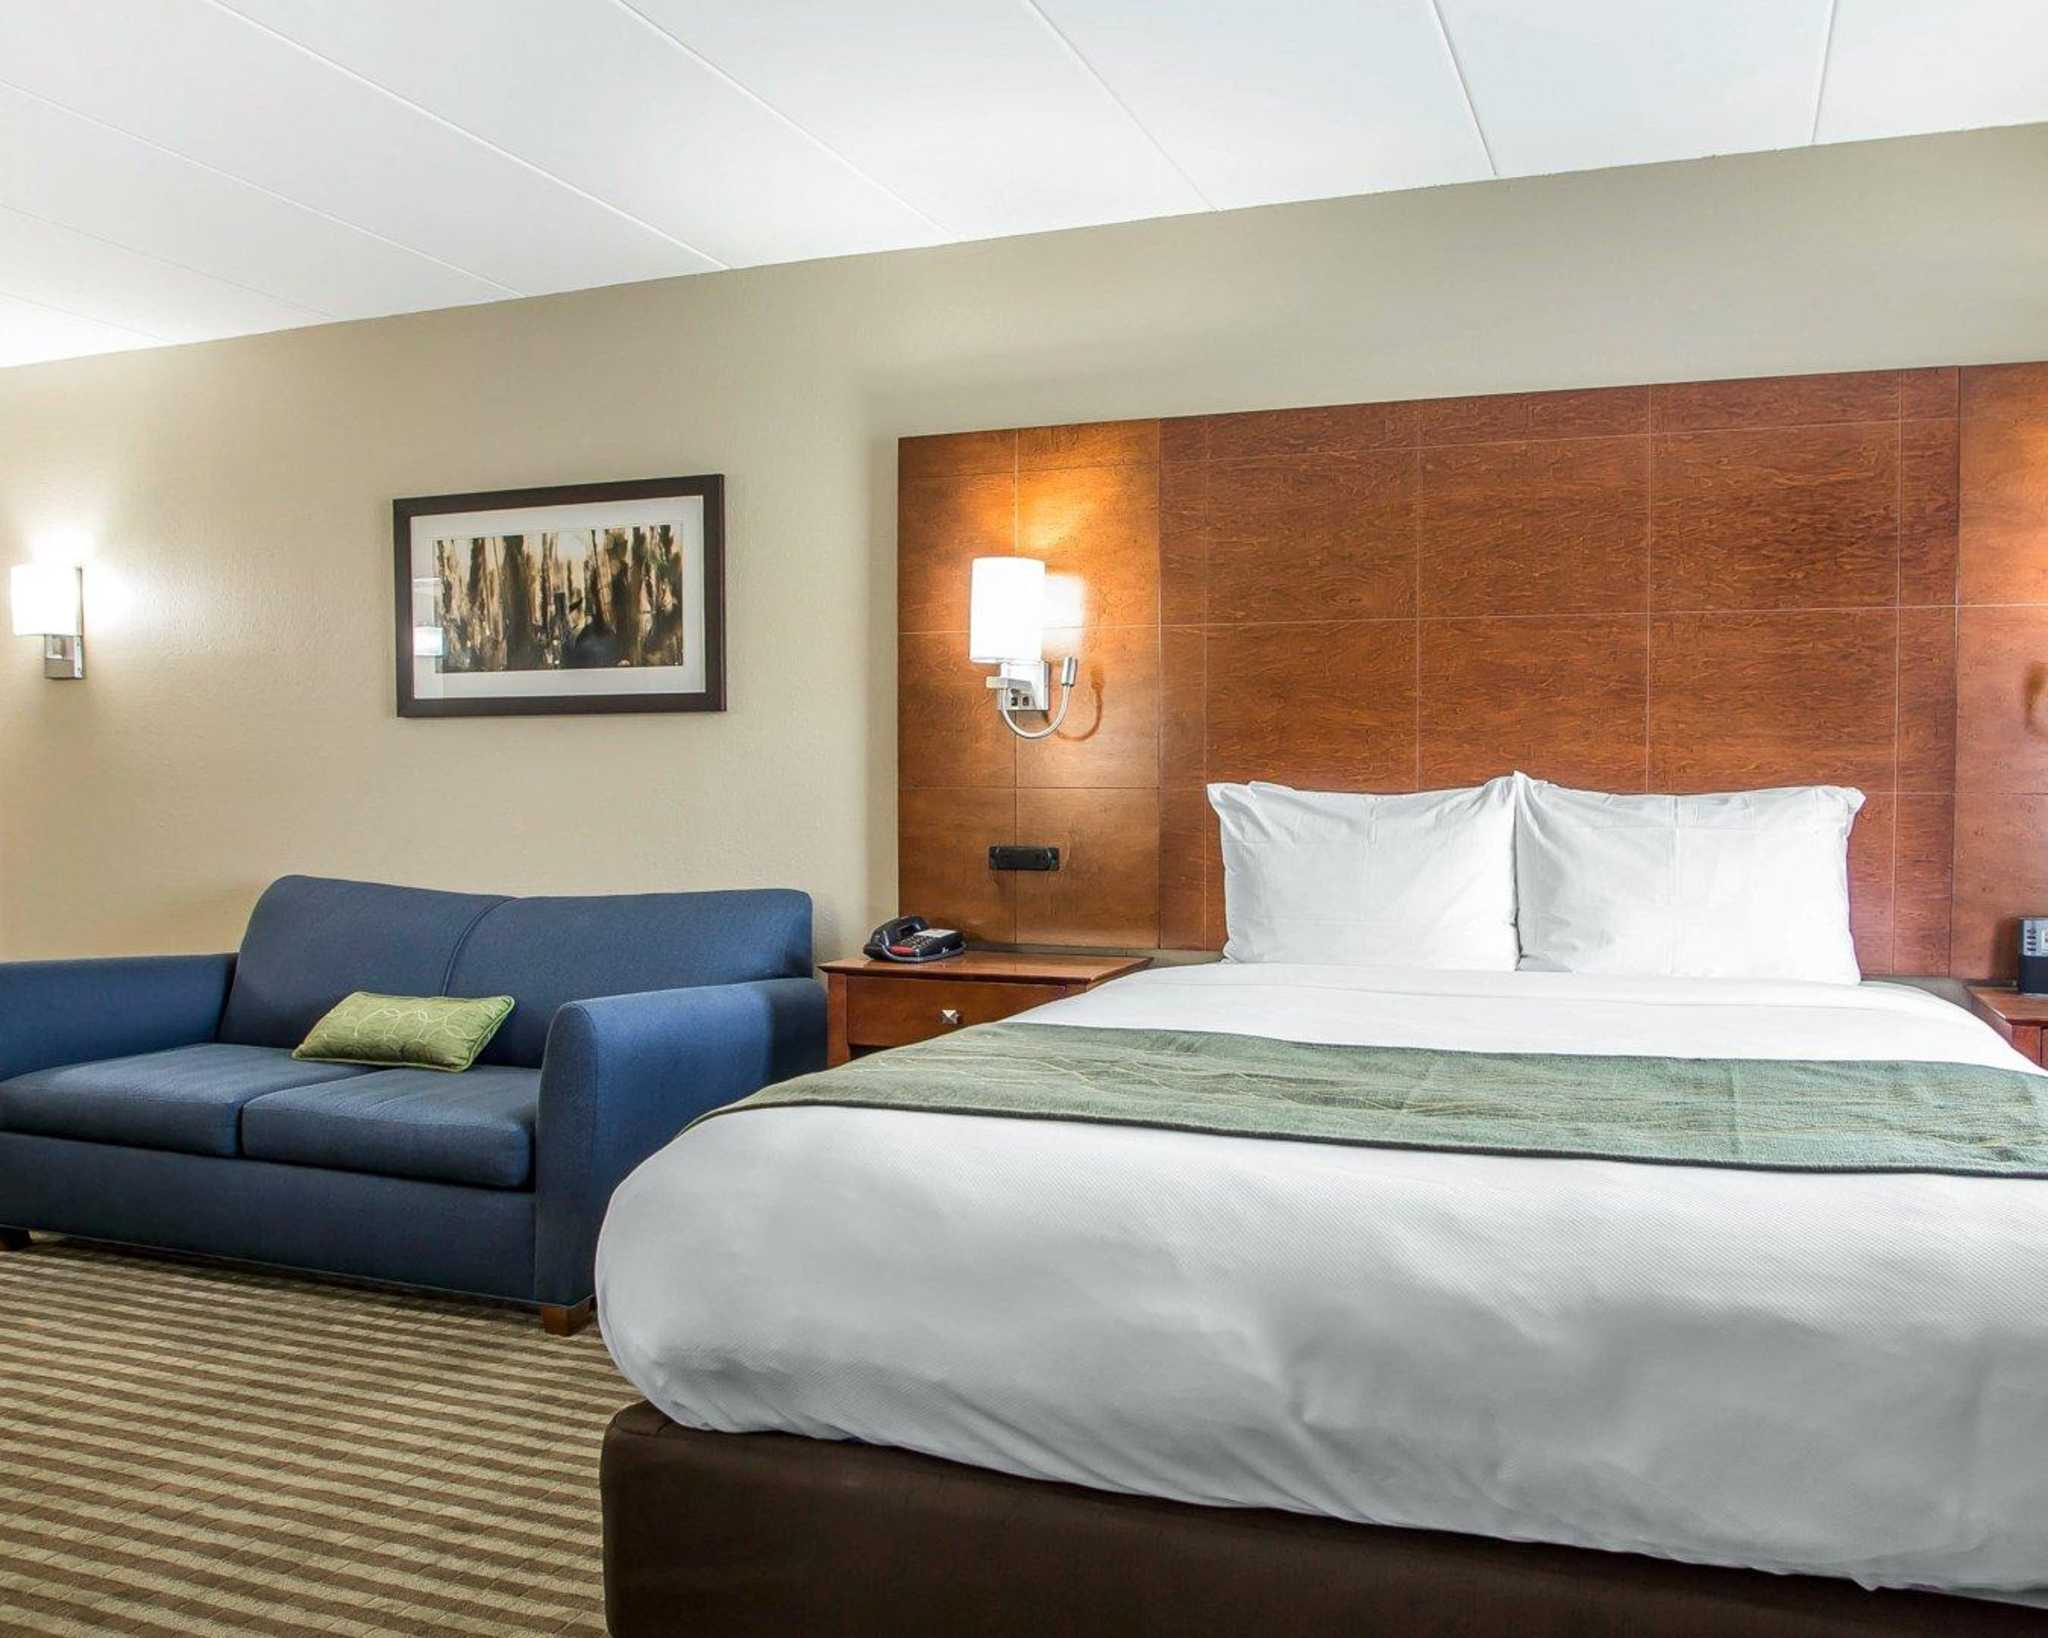 Comfort Inn image 46